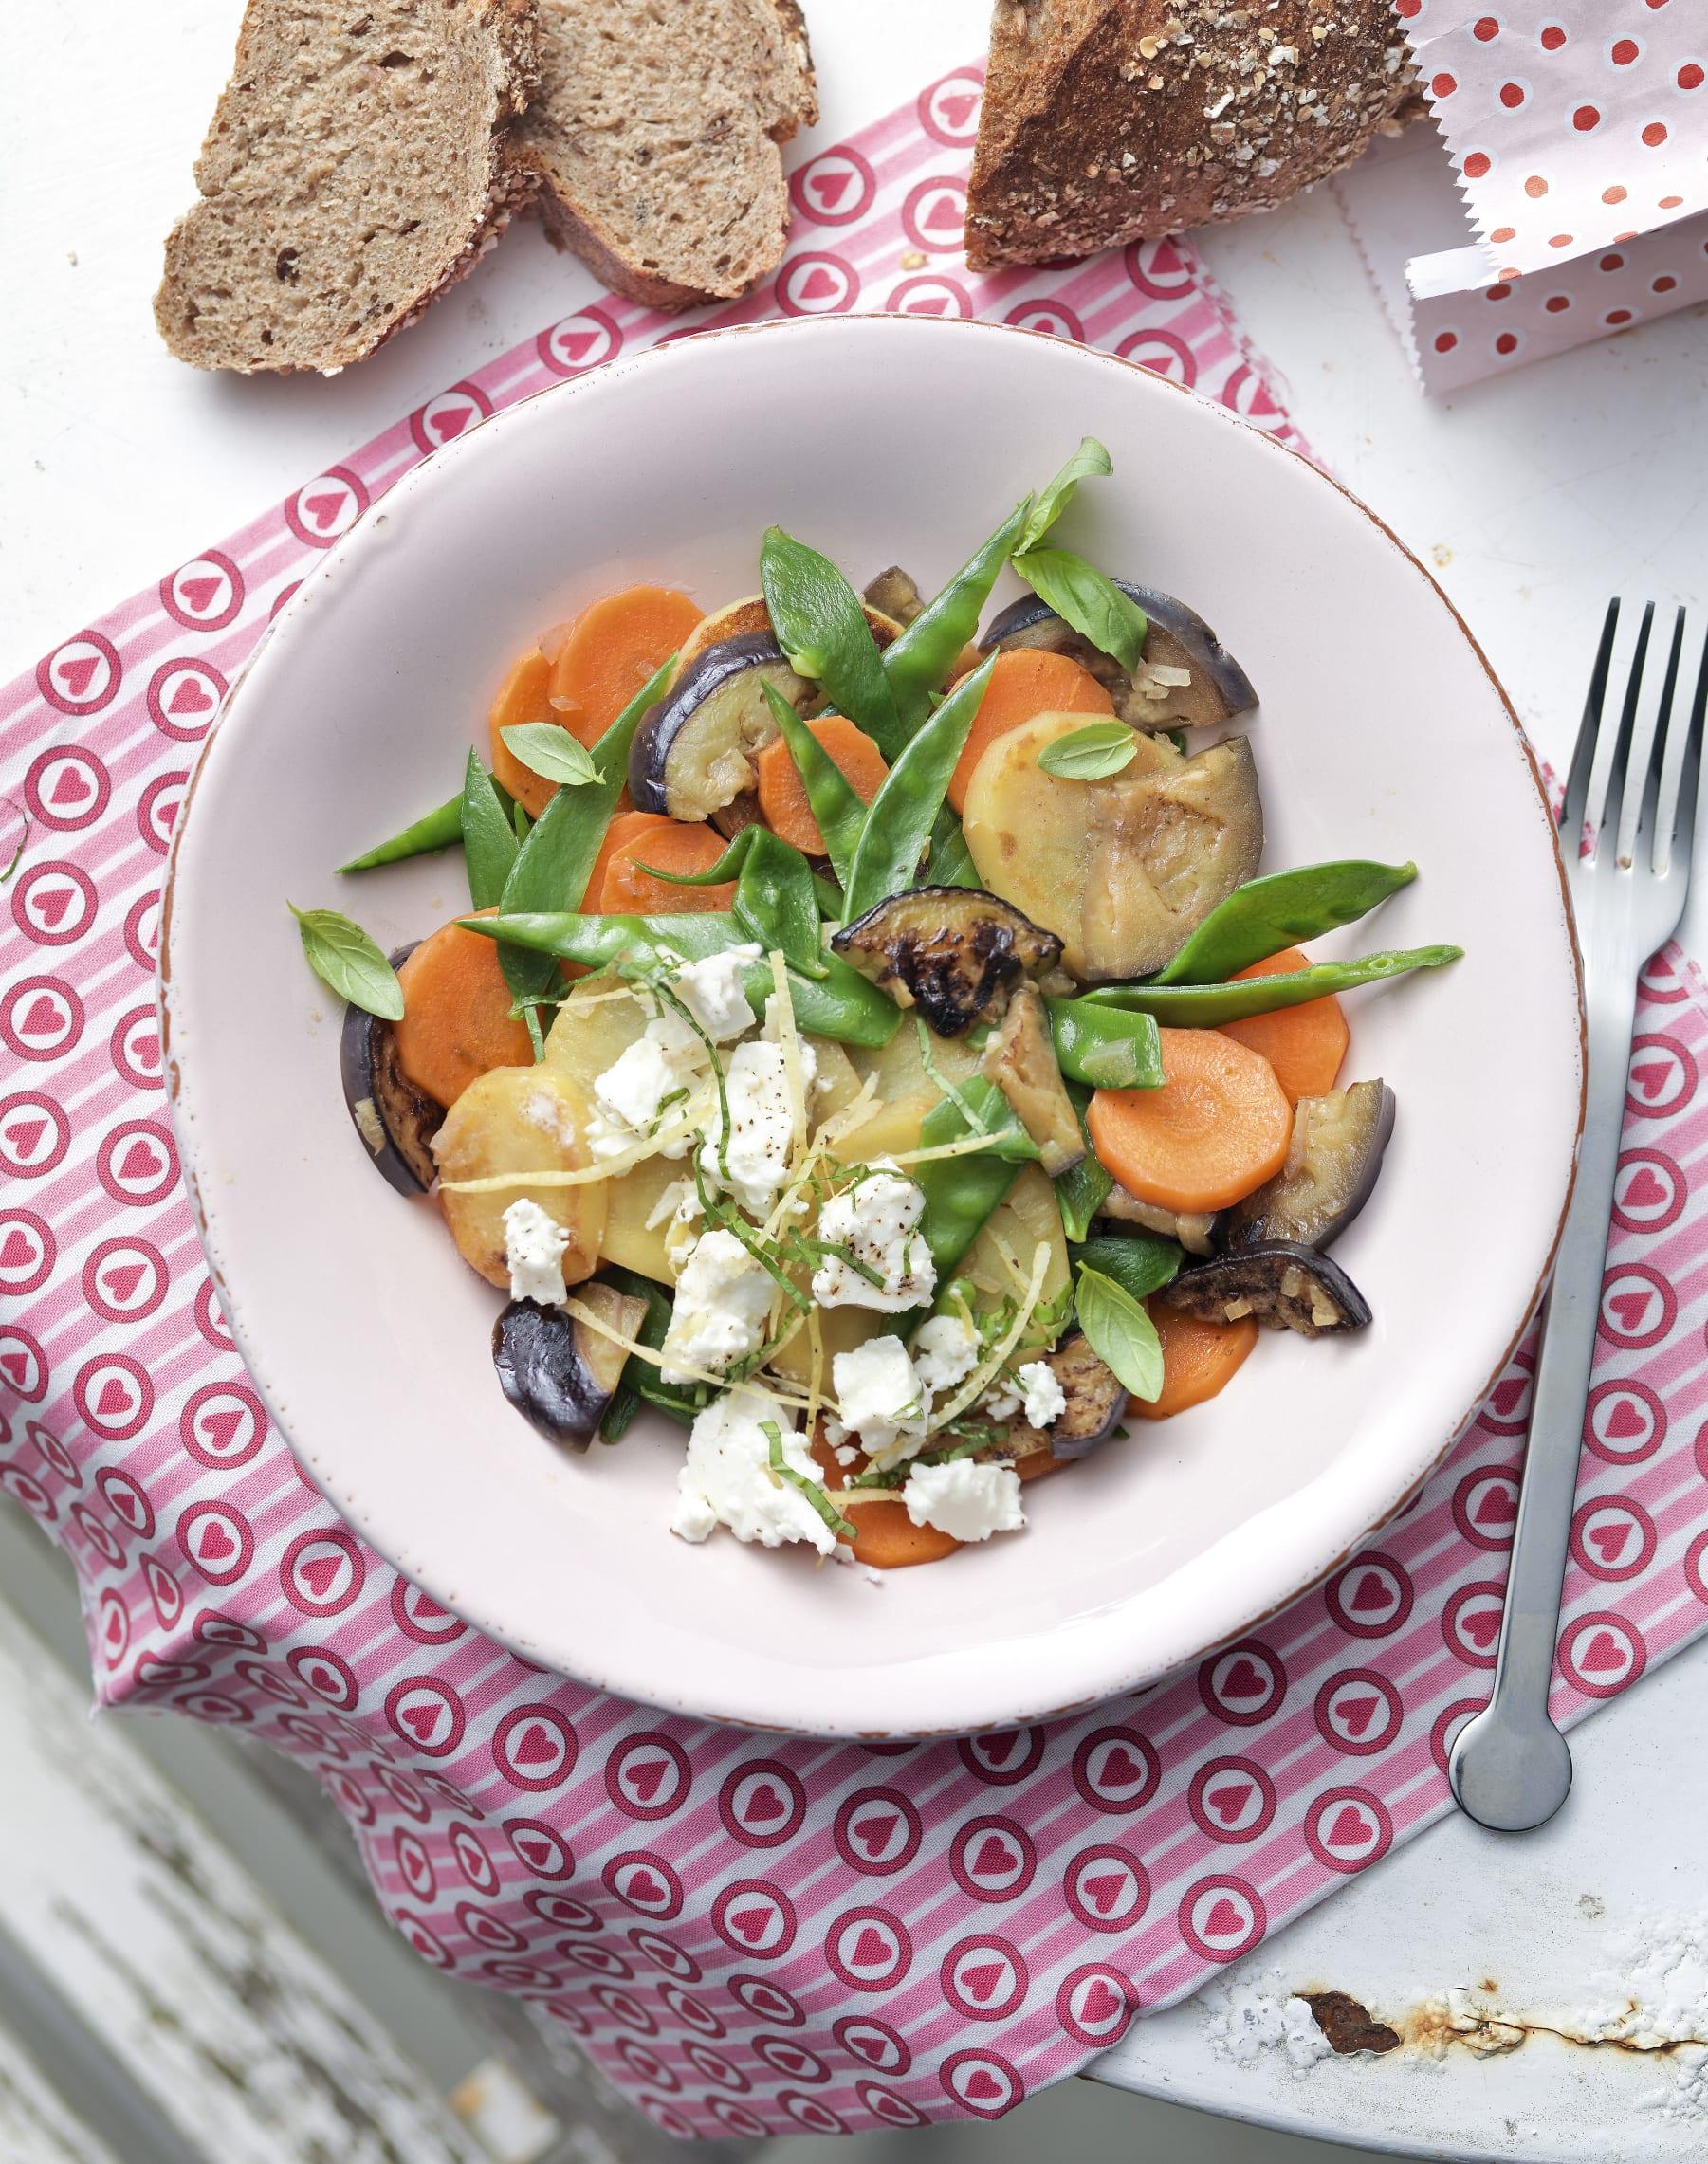 Gemüse-Eintopf mit Frischkäse